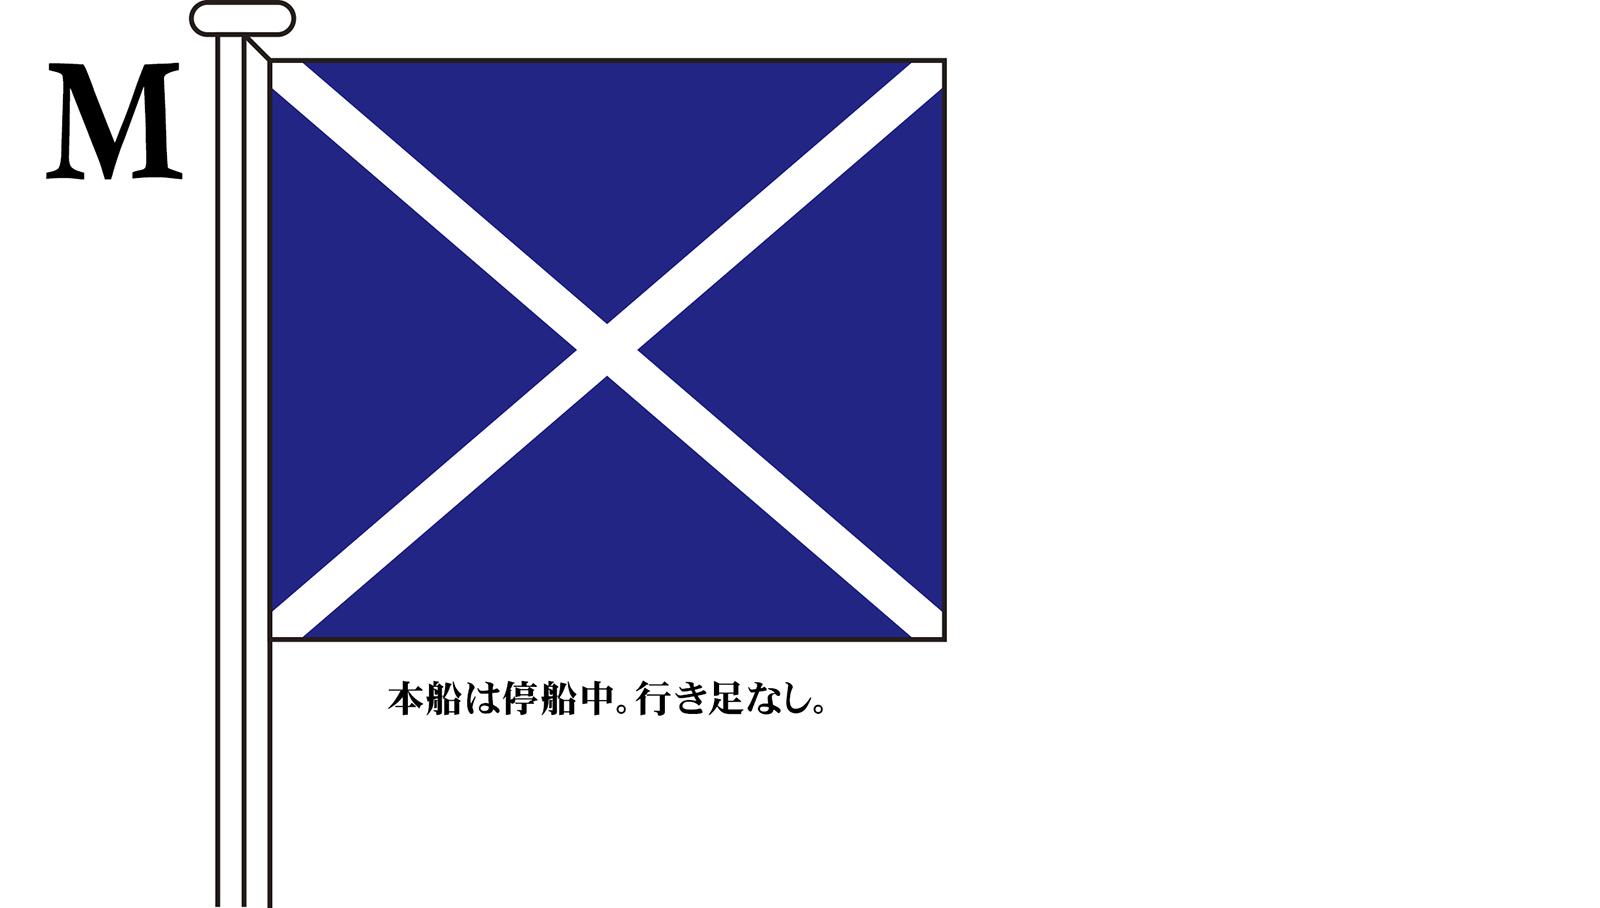 国際信号旗 文字旗 Alphabetical Flags【M】[2巾:90×120cm・アクリル]